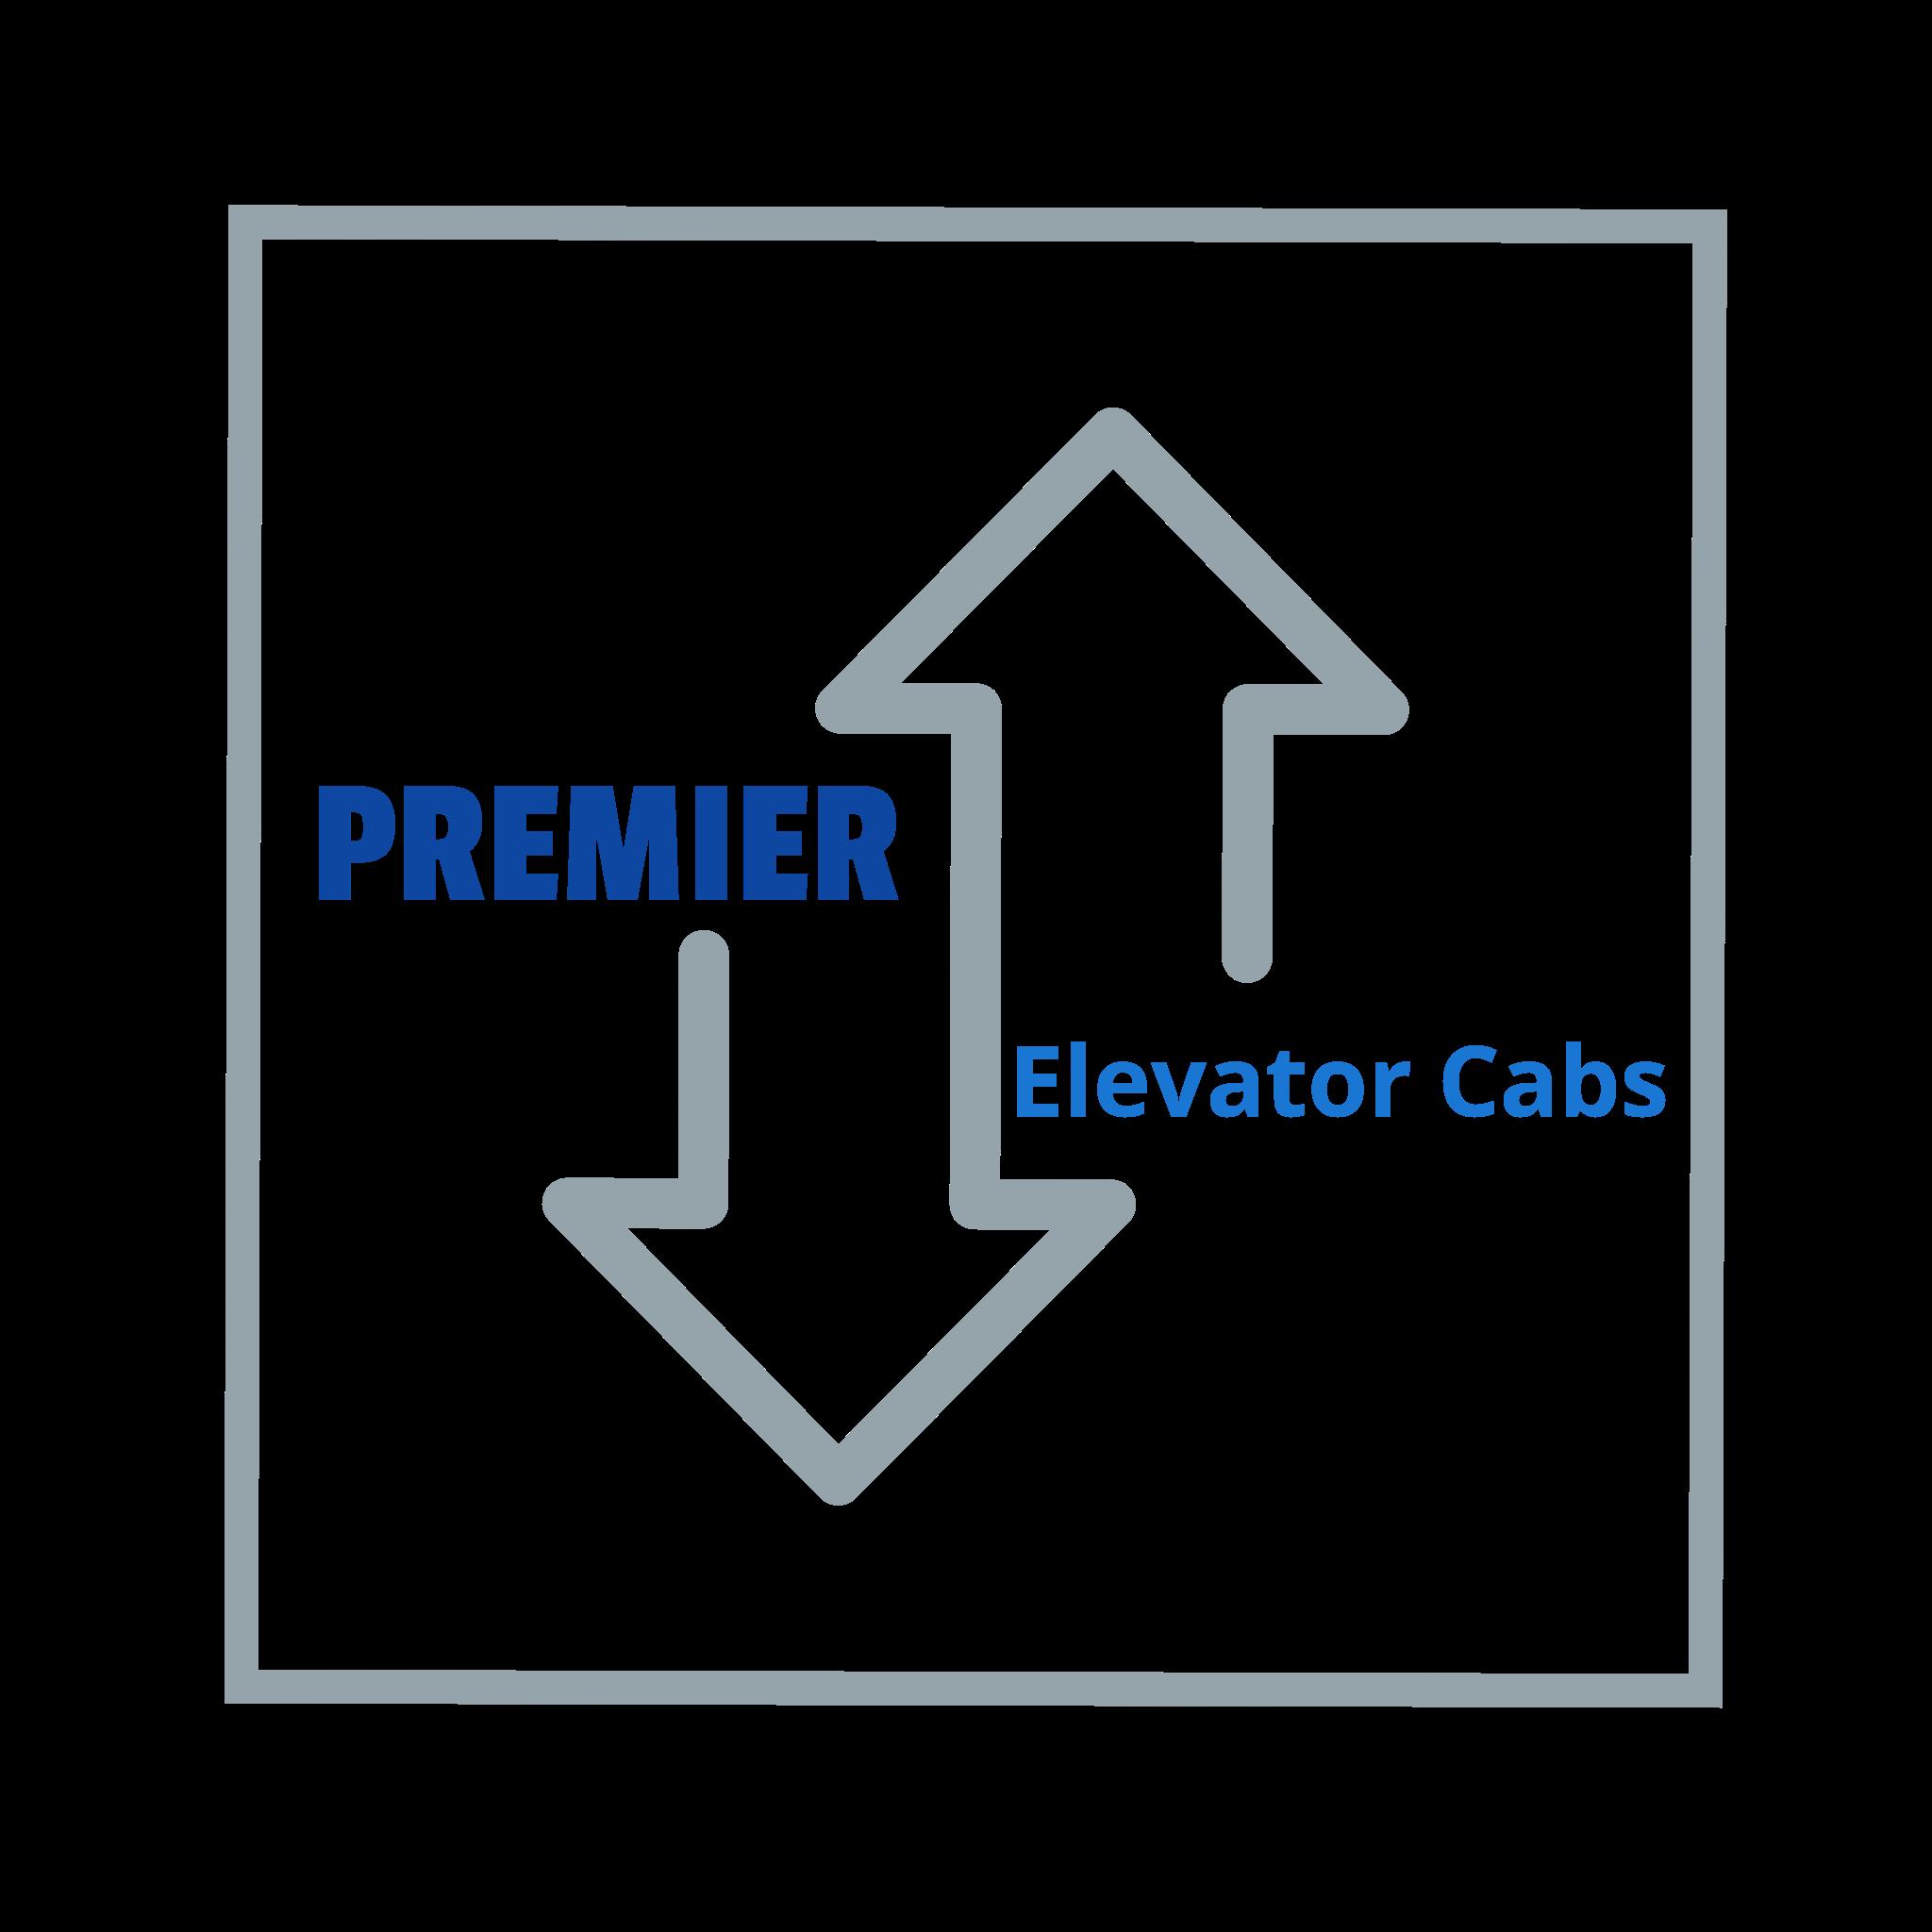 Premier Elevator Cabs